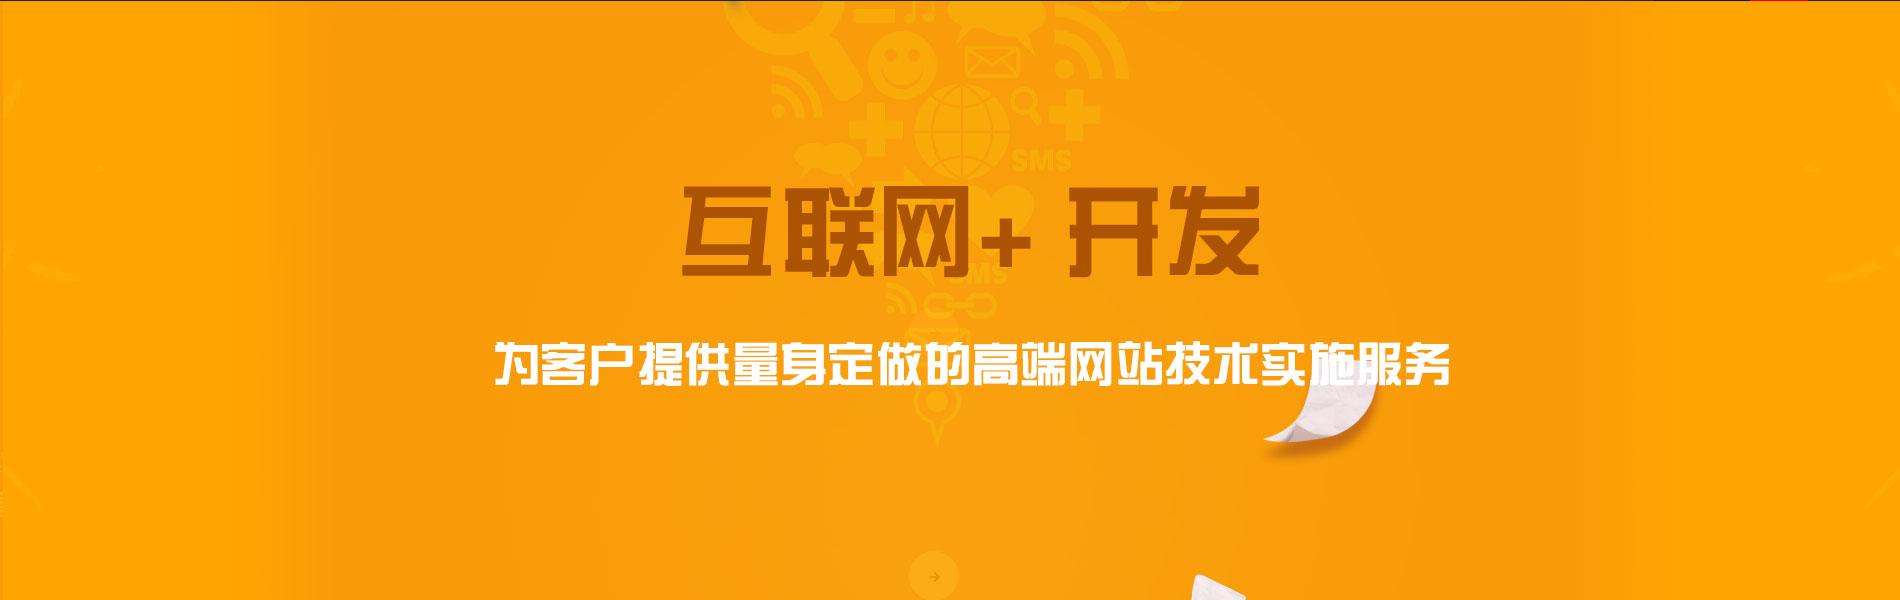 郑州网络公司